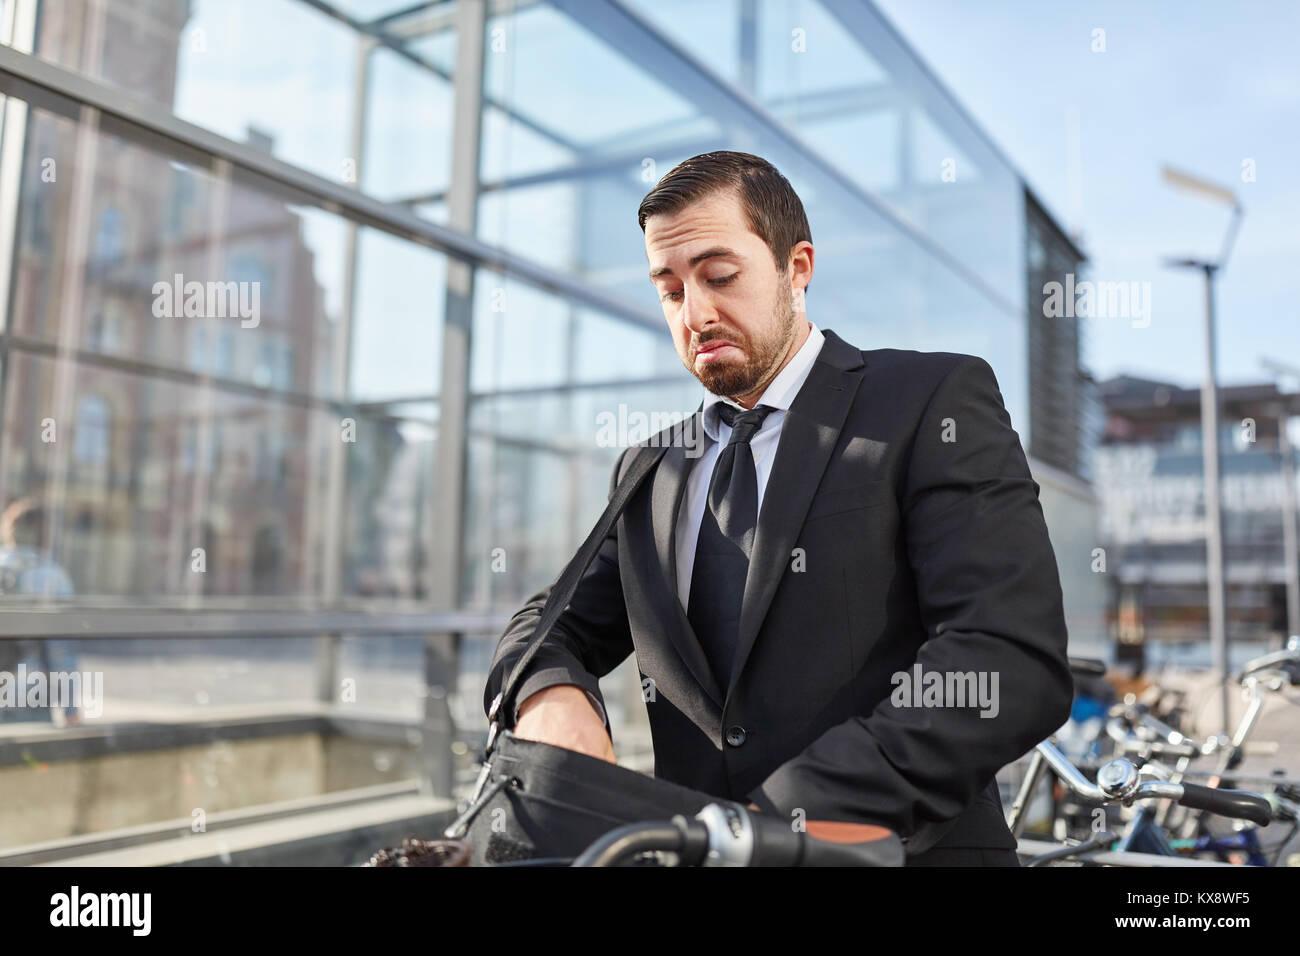 Un homme d'affaires comme pour la banlieue semble frustré location key Photo Stock